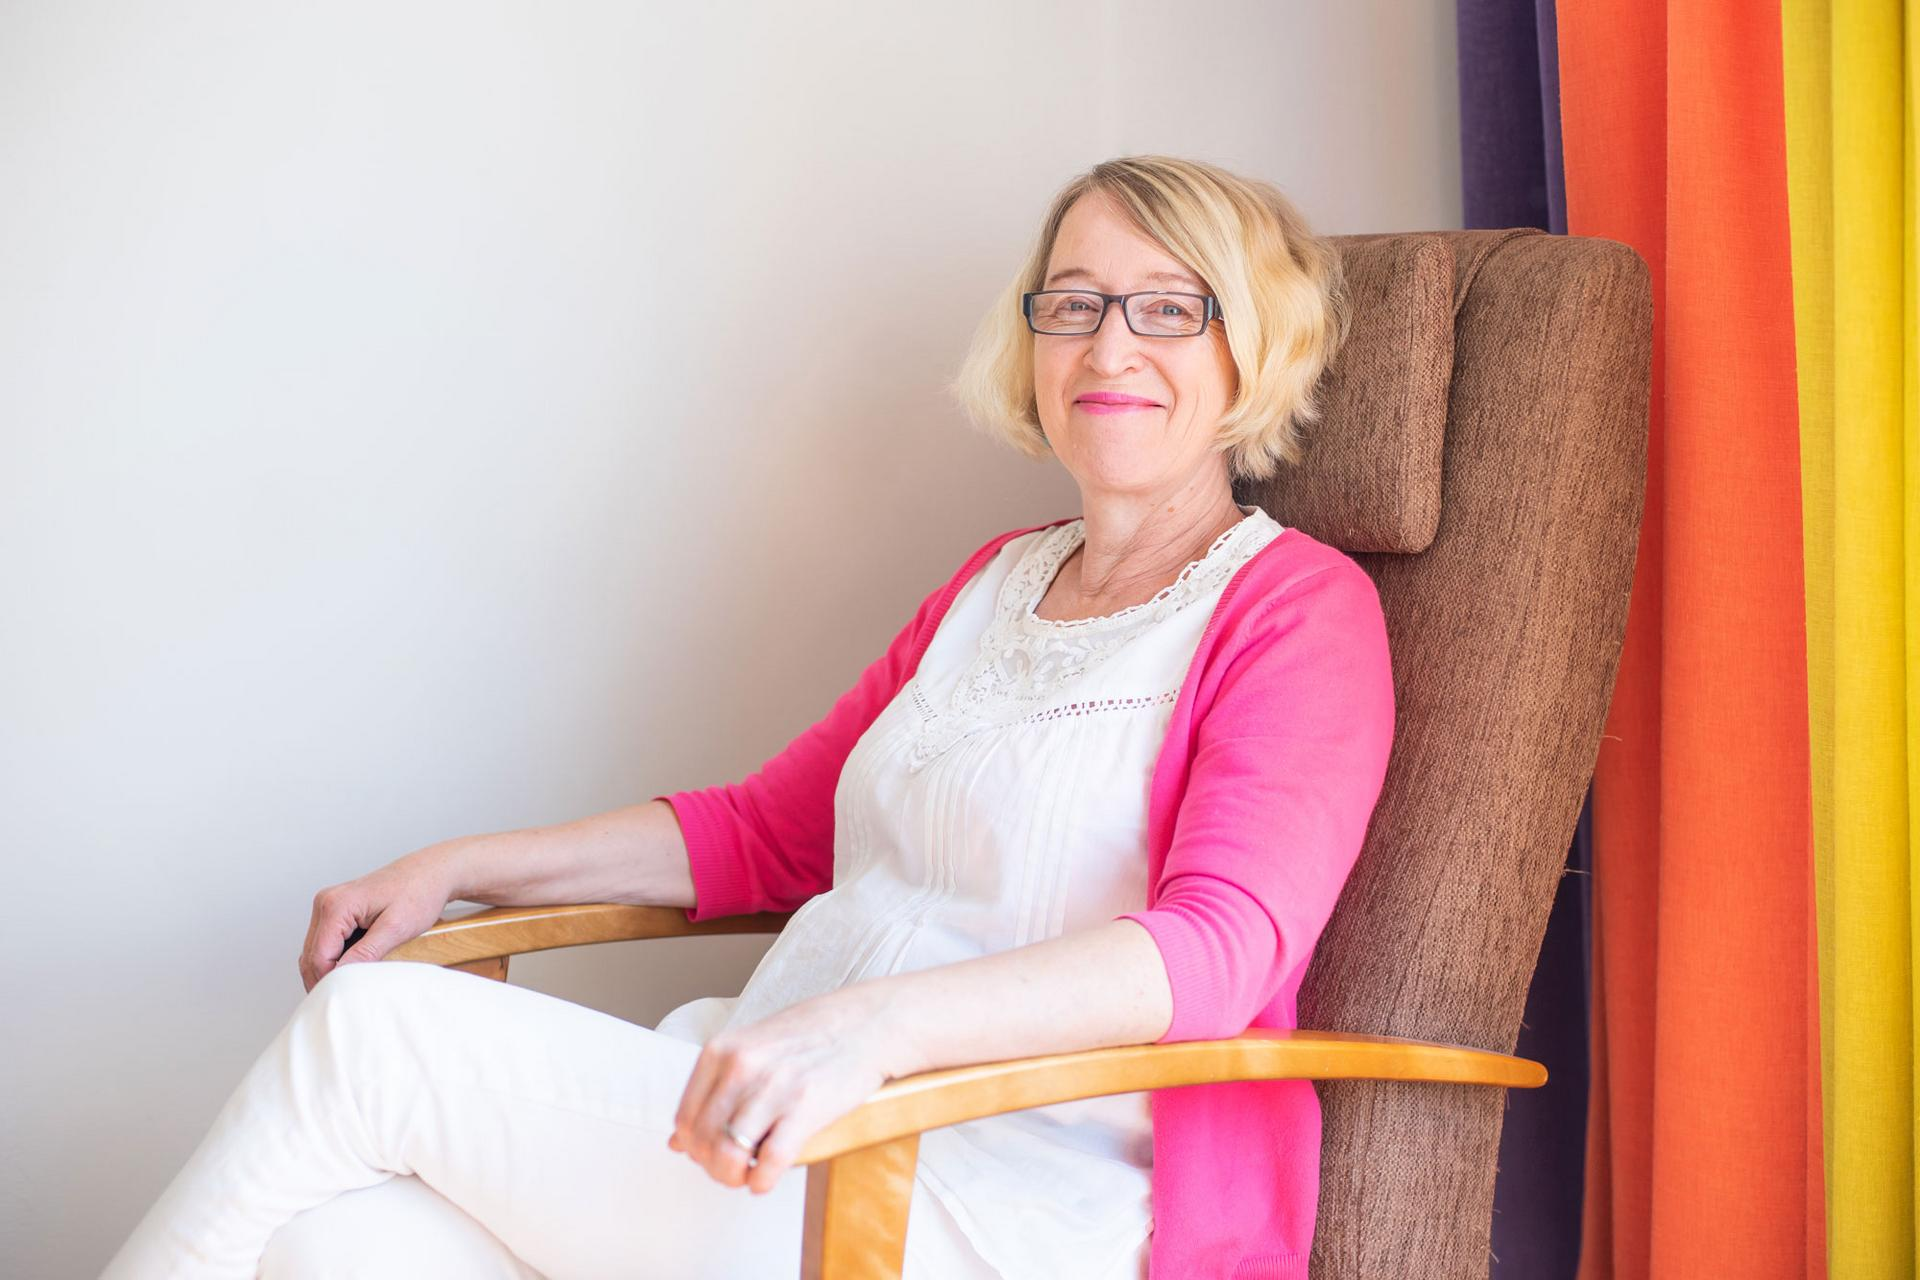 Perheterapeutti Arja Seppänen kertoo, että Halataan-kampanjan aloitus on Kangasala-talossa Ystävänpäivänä 14. helmikuuta kello 19. Sen jälkeen on vielä Kangasalan kirkossa puolen tunnin mittainen rakkausmessu, joka alkaa kello 22. Kuva: Tiia Ennala